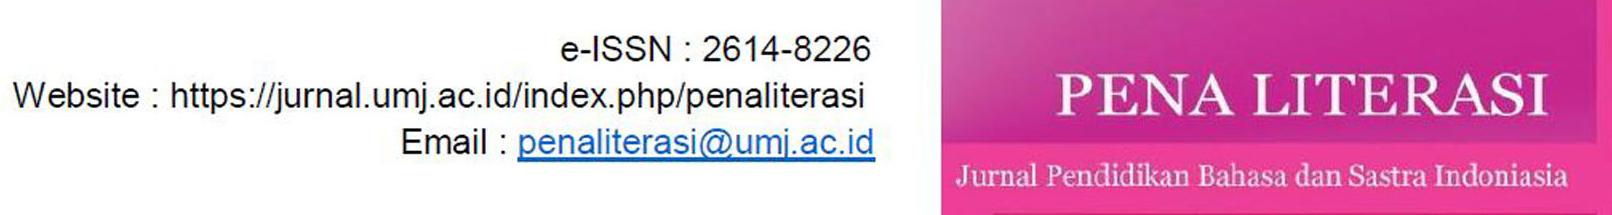 Jurnal Pena LIterasi Program Studi Pendidikan Bahasa dan Sastra Indoensia Fakultas Ilmu Pendidikan Universitas Muhammadiyah Jakarta merupkan jurnal Nasional berbasis penelitian ilmiah, secara rutin diterbitkan dua kali setahun yaitu April dan Oktober.